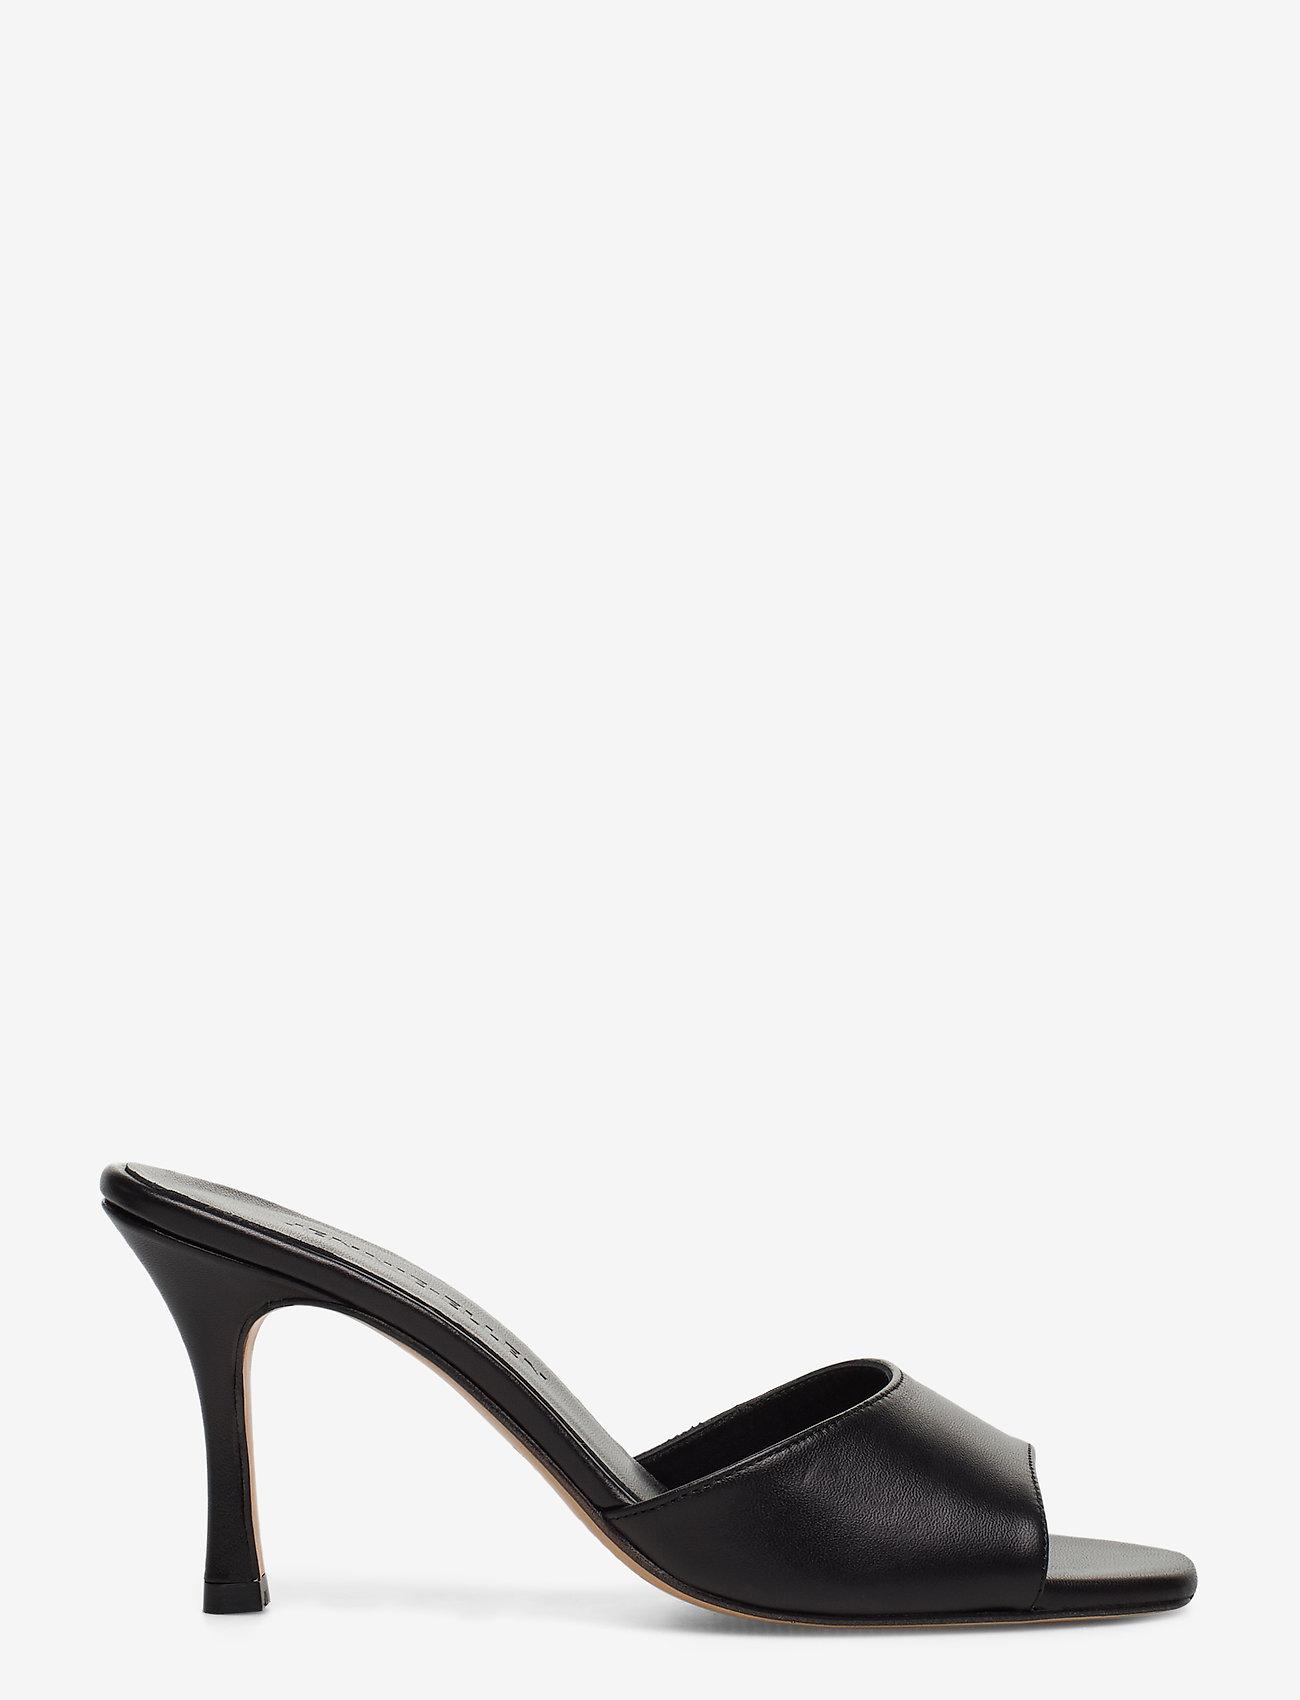 Jennie-Ellen - Check - mules & slipins - black leather - 1